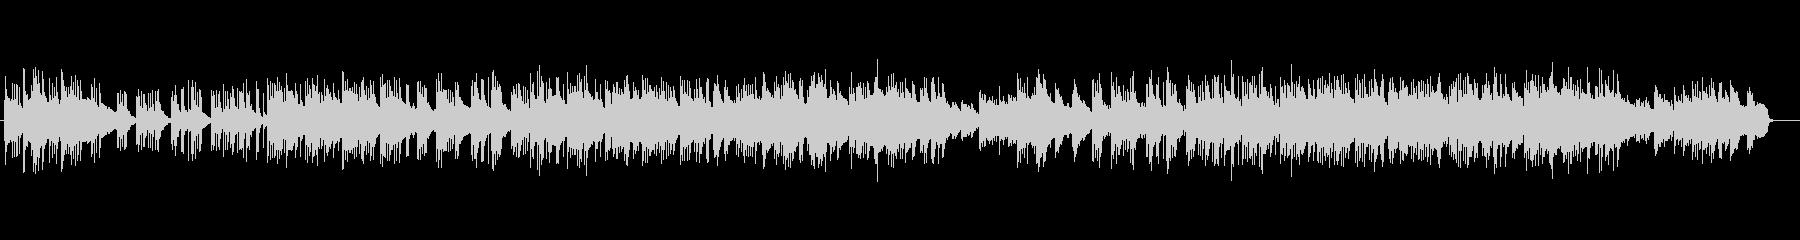 魅惑のトリスターナのオルゴールの未再生の波形